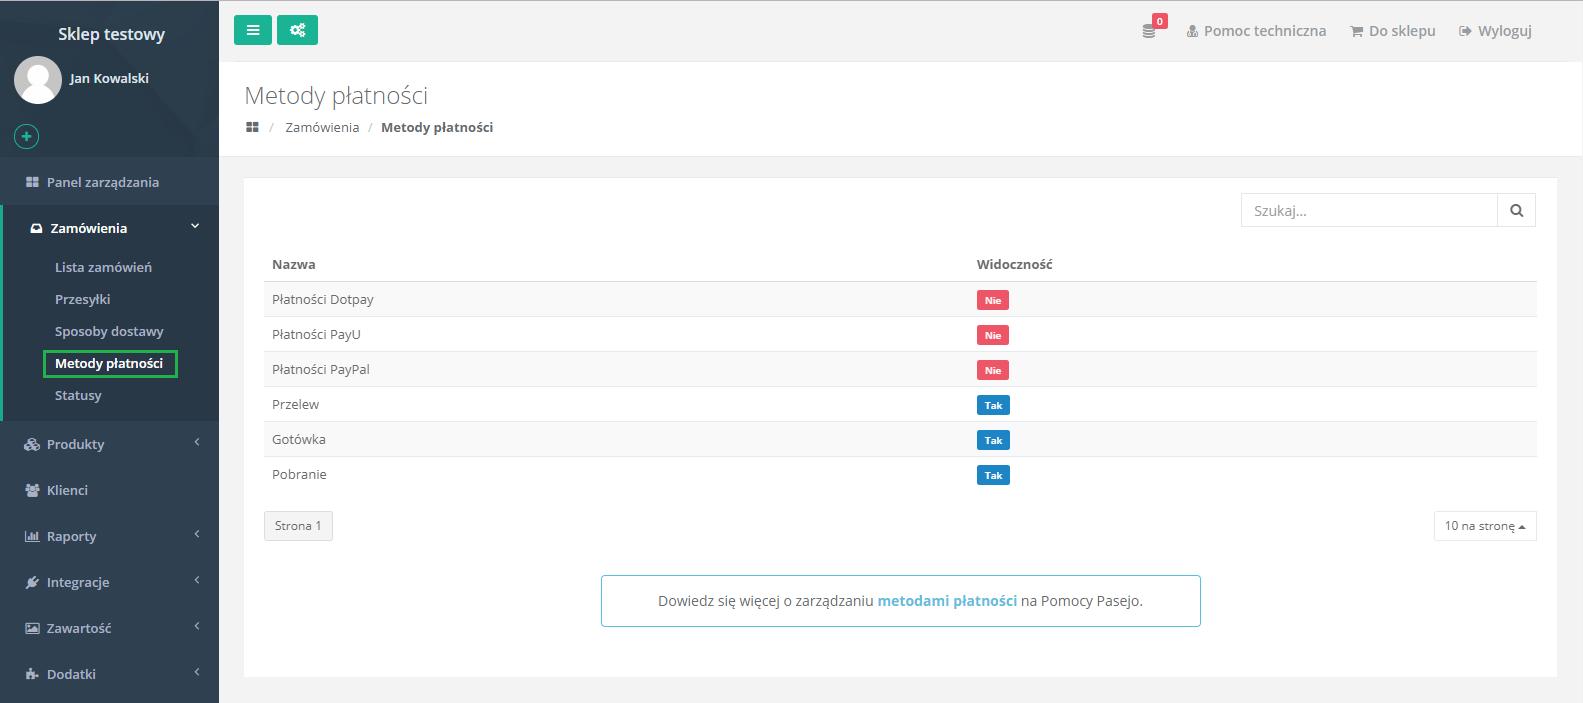 2fa5070bd214f8 Metody płatności - zarządzanie sklepem internetowym